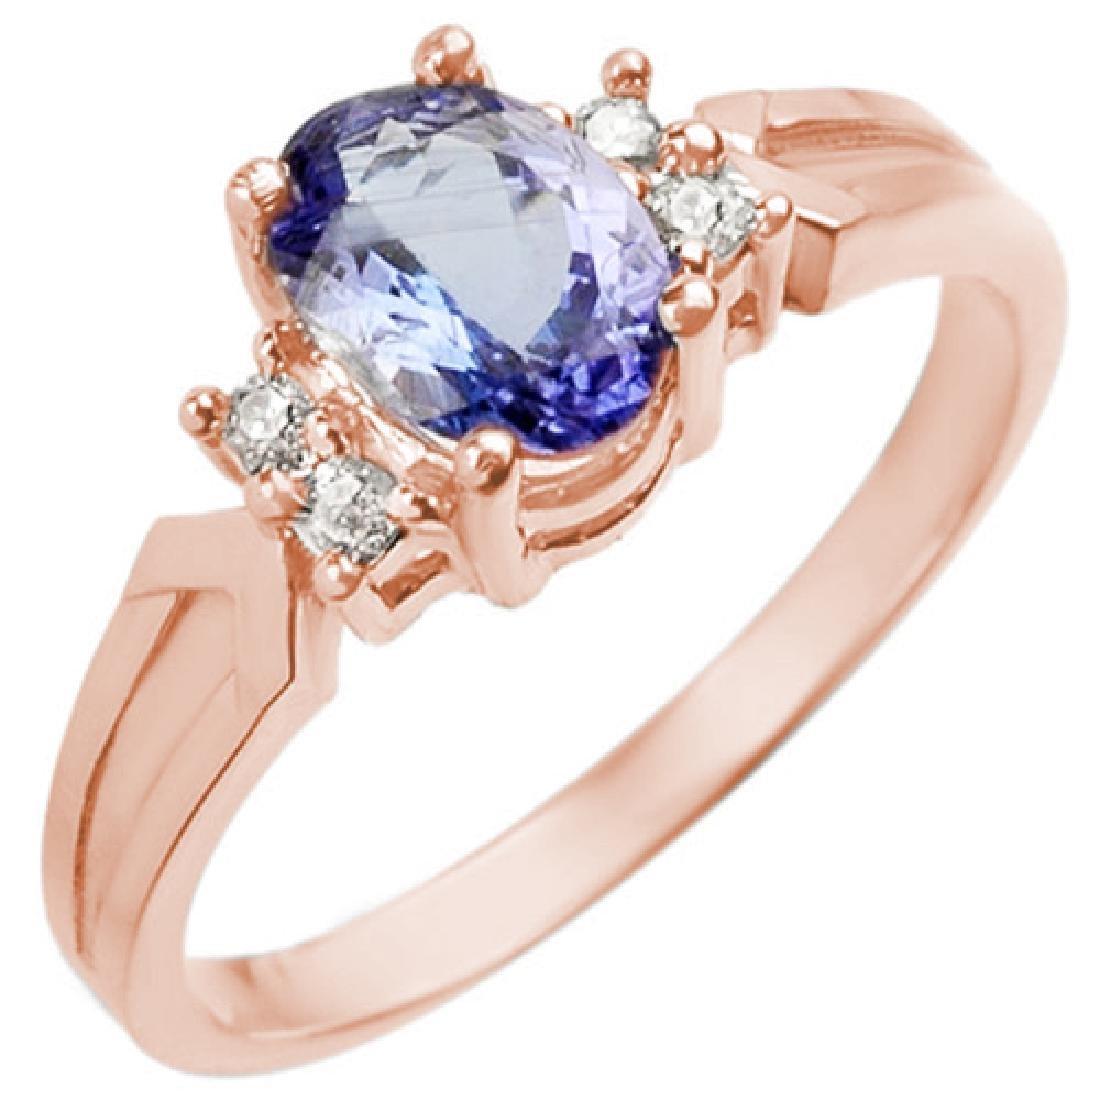 1.10 CTW Tanzanite & Diamond Ring 14K Rose Gold